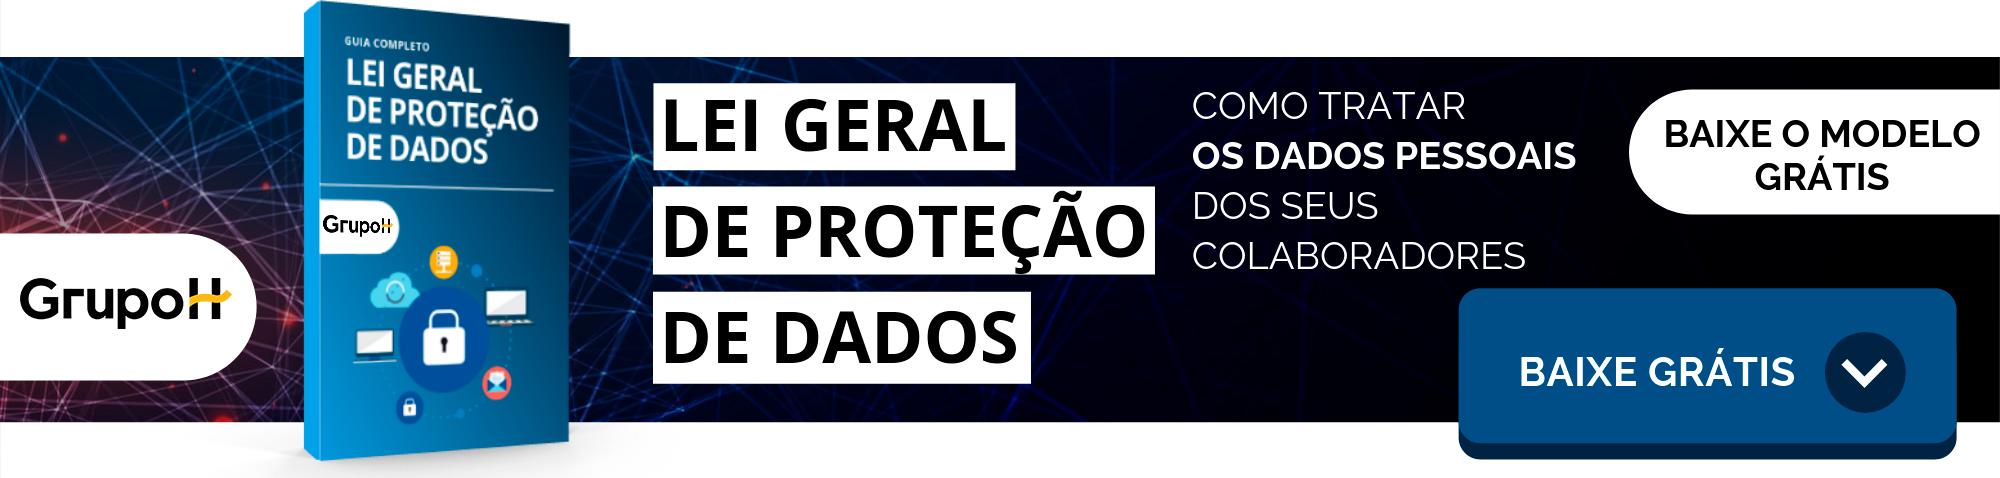 imagem de capa para chamada de download de ebook - guia LGPD